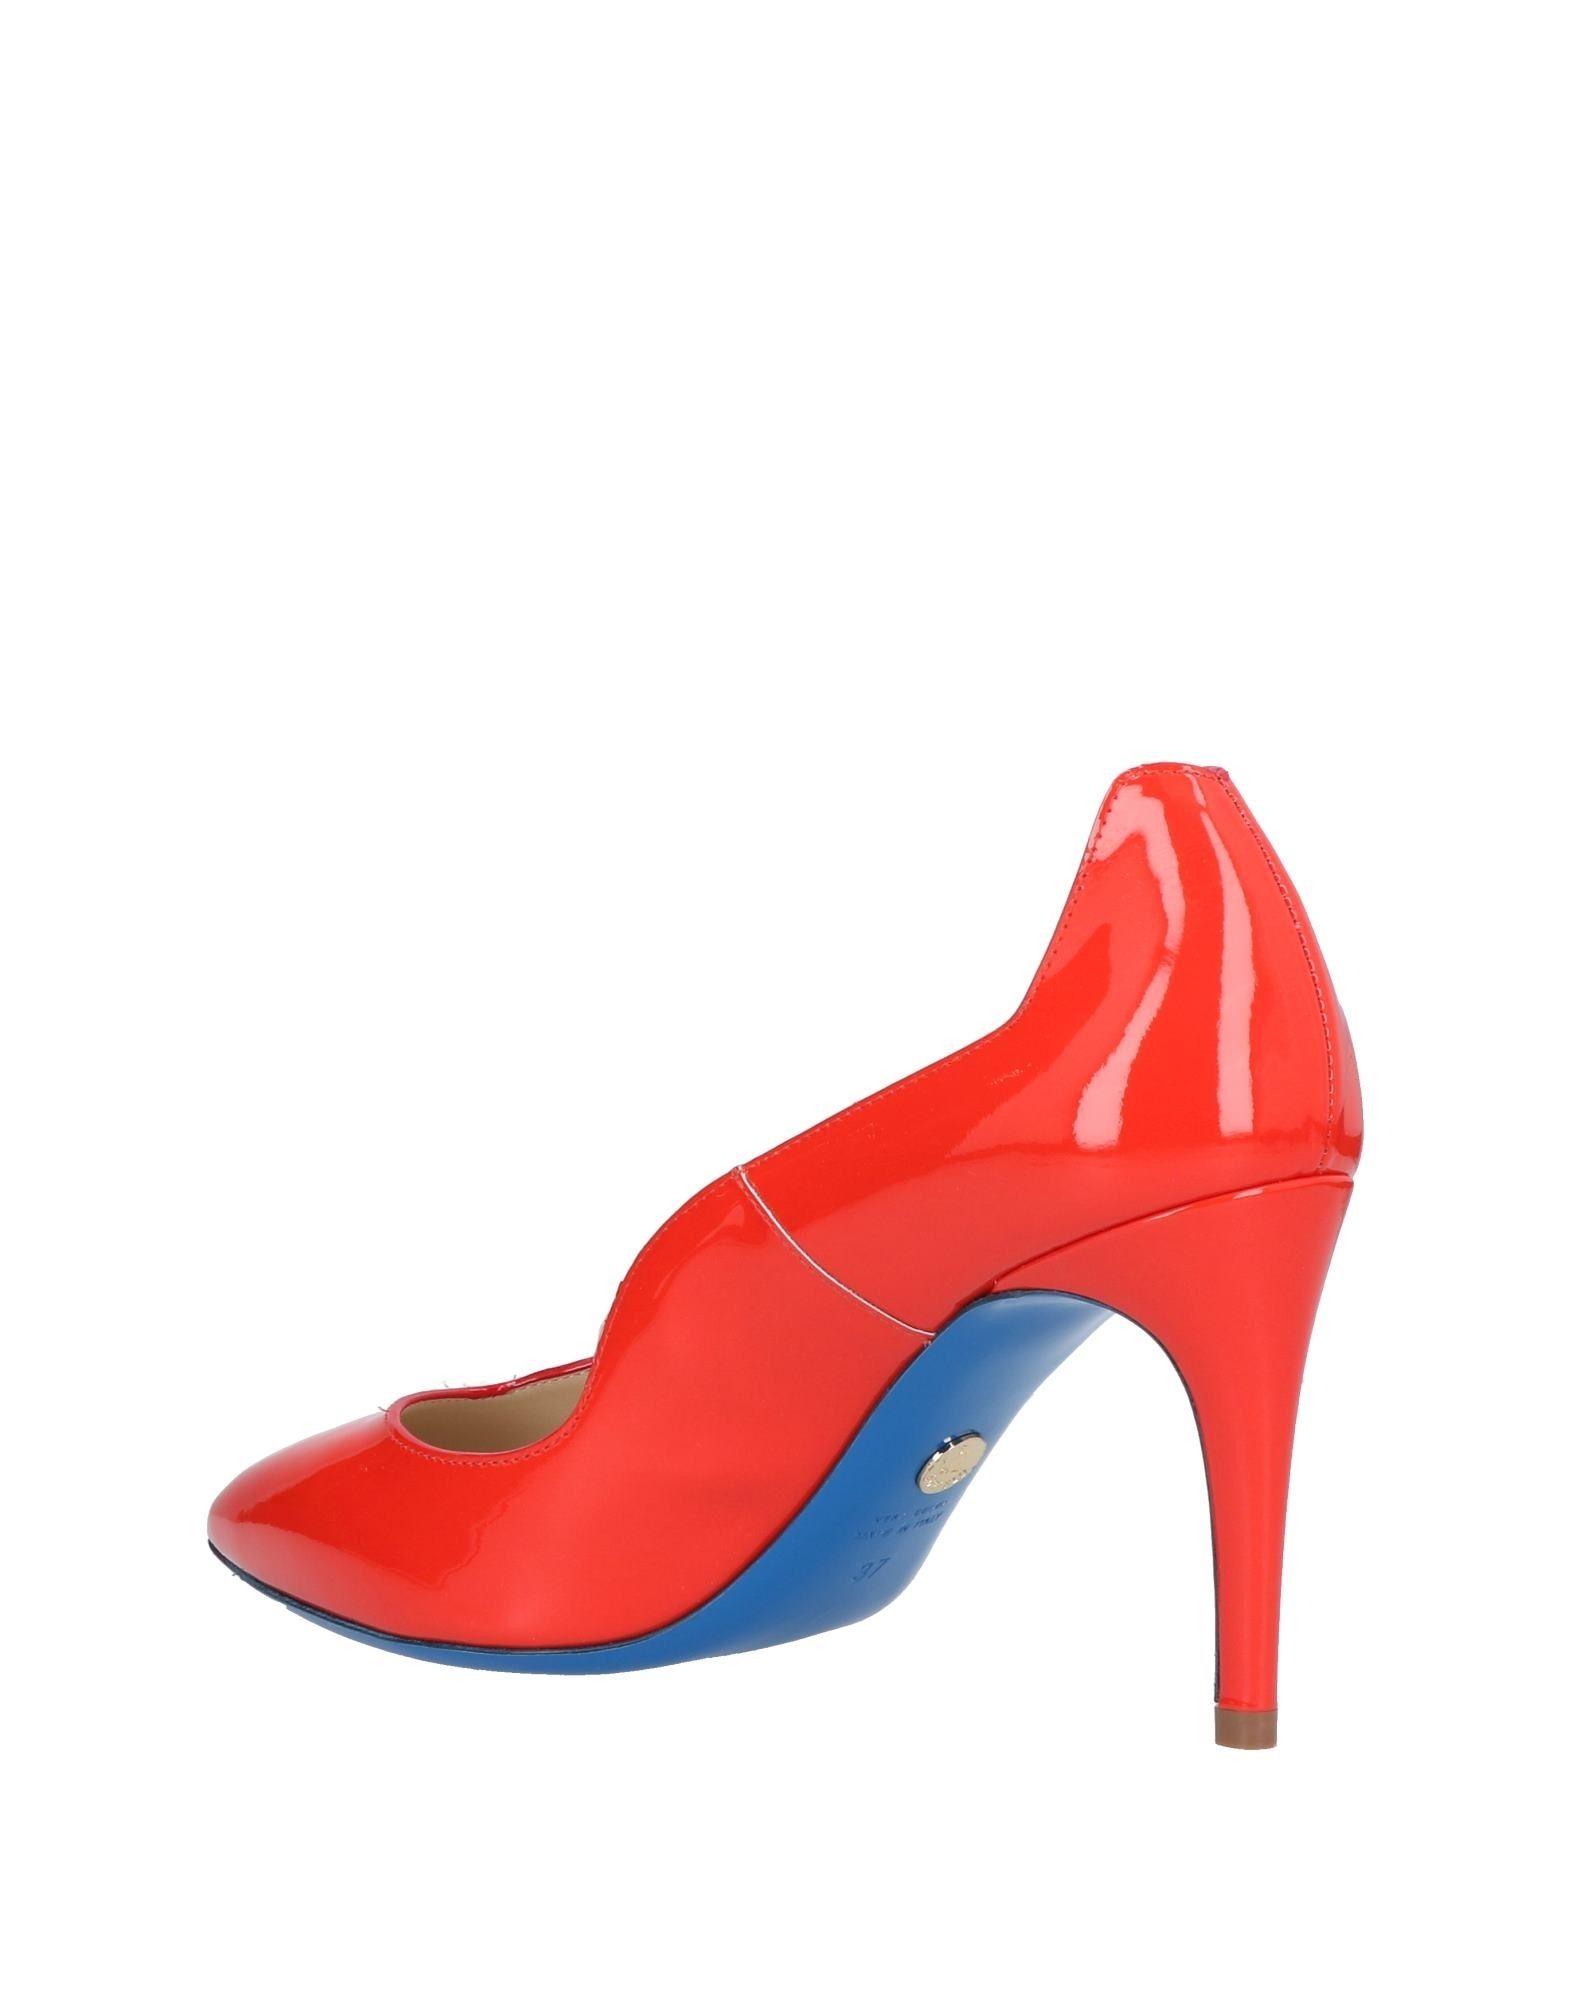 Loriblu Pumps Damen Qualität  11423460IL Gute Qualität Damen beliebte Schuhe 6d0ace